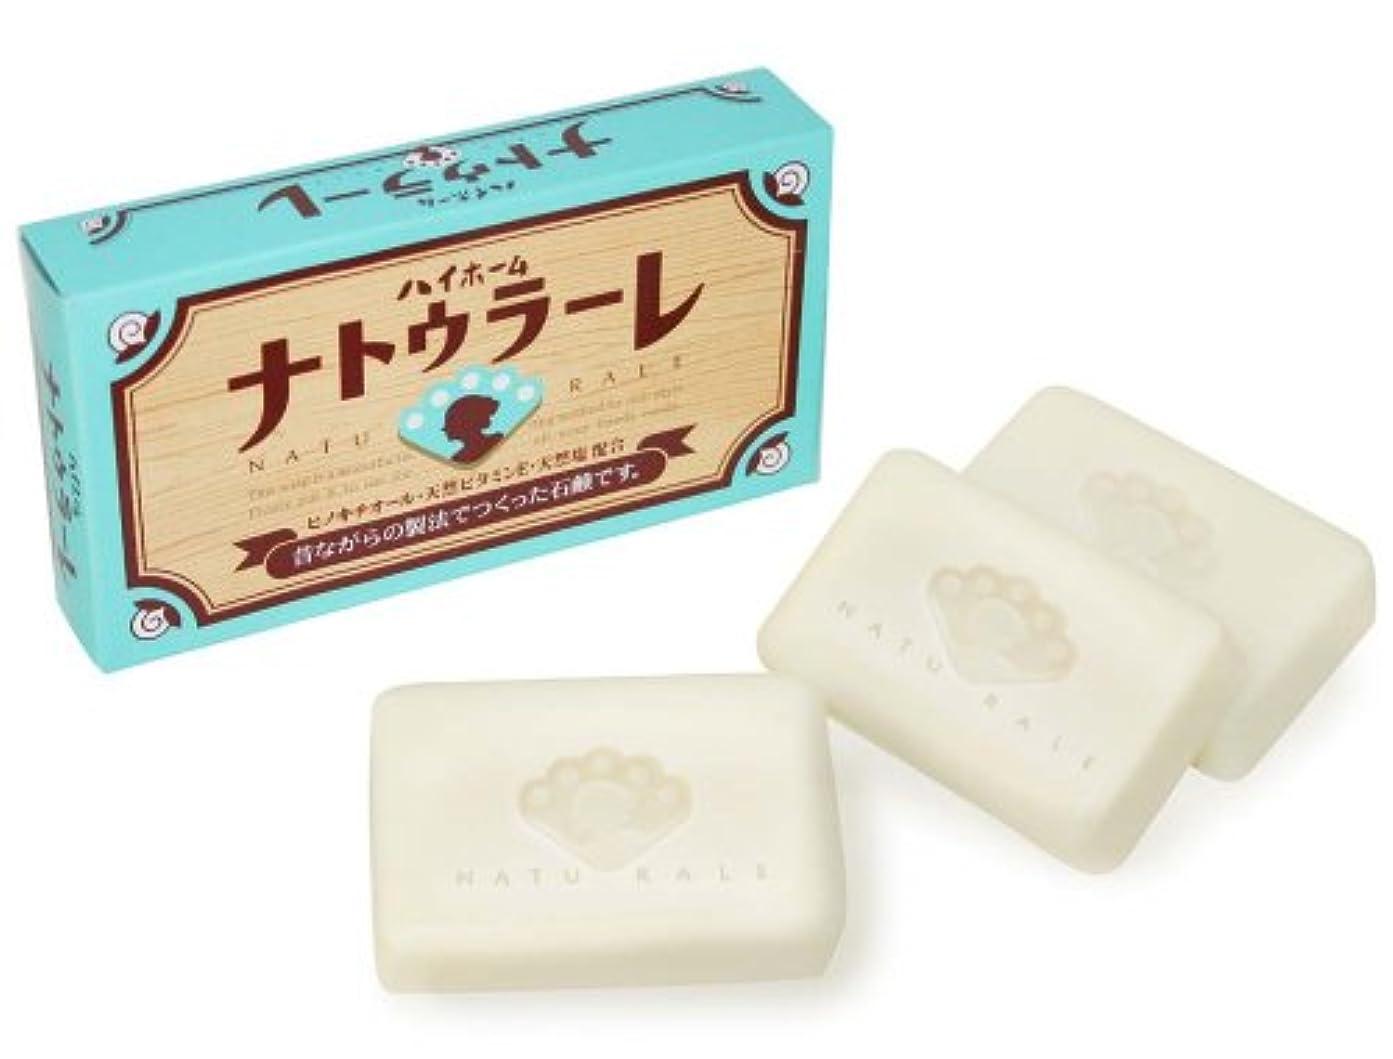 昔ながらの製法で作られた化粧石鹸 ハイホーム ナトゥラーレ 3個入り (天然ビタミンE配合)